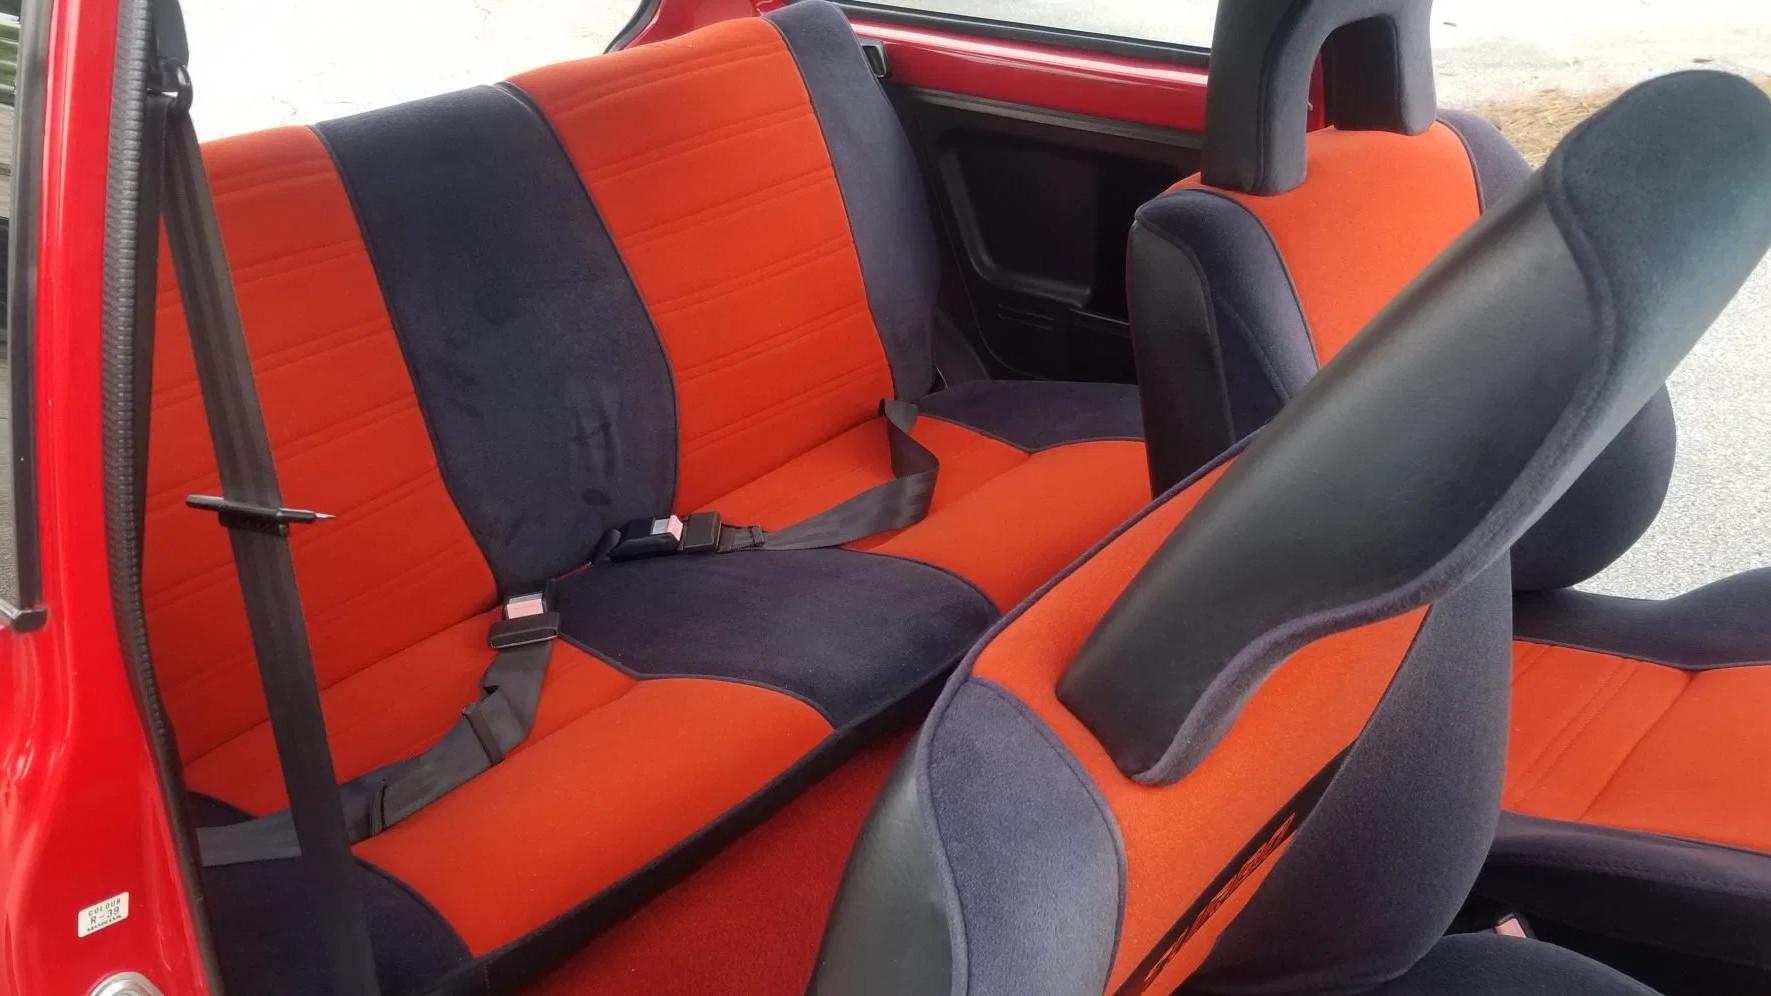 1983 Honda City Turbo trunk